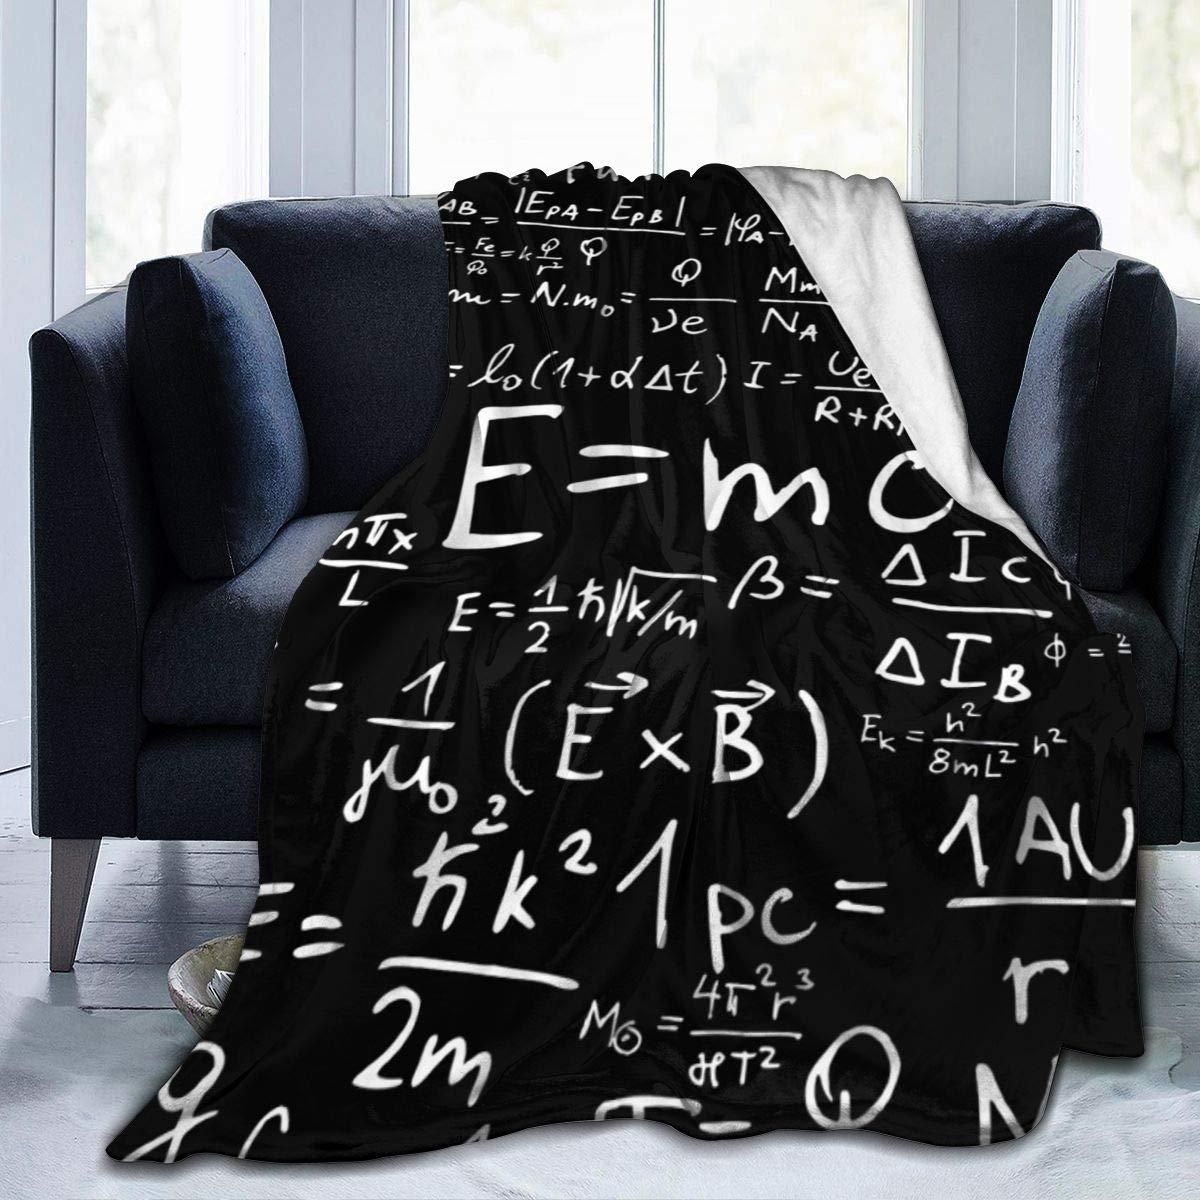 surce Formule Mathematics And Physics 1 Coperta da tiro 50x40 Pollici Super Soft Fuzzy Cozy Warm Fluffy Coperta in Peluche per Divano Letto Sedia Soggiorno Autunno Inverno Primavera